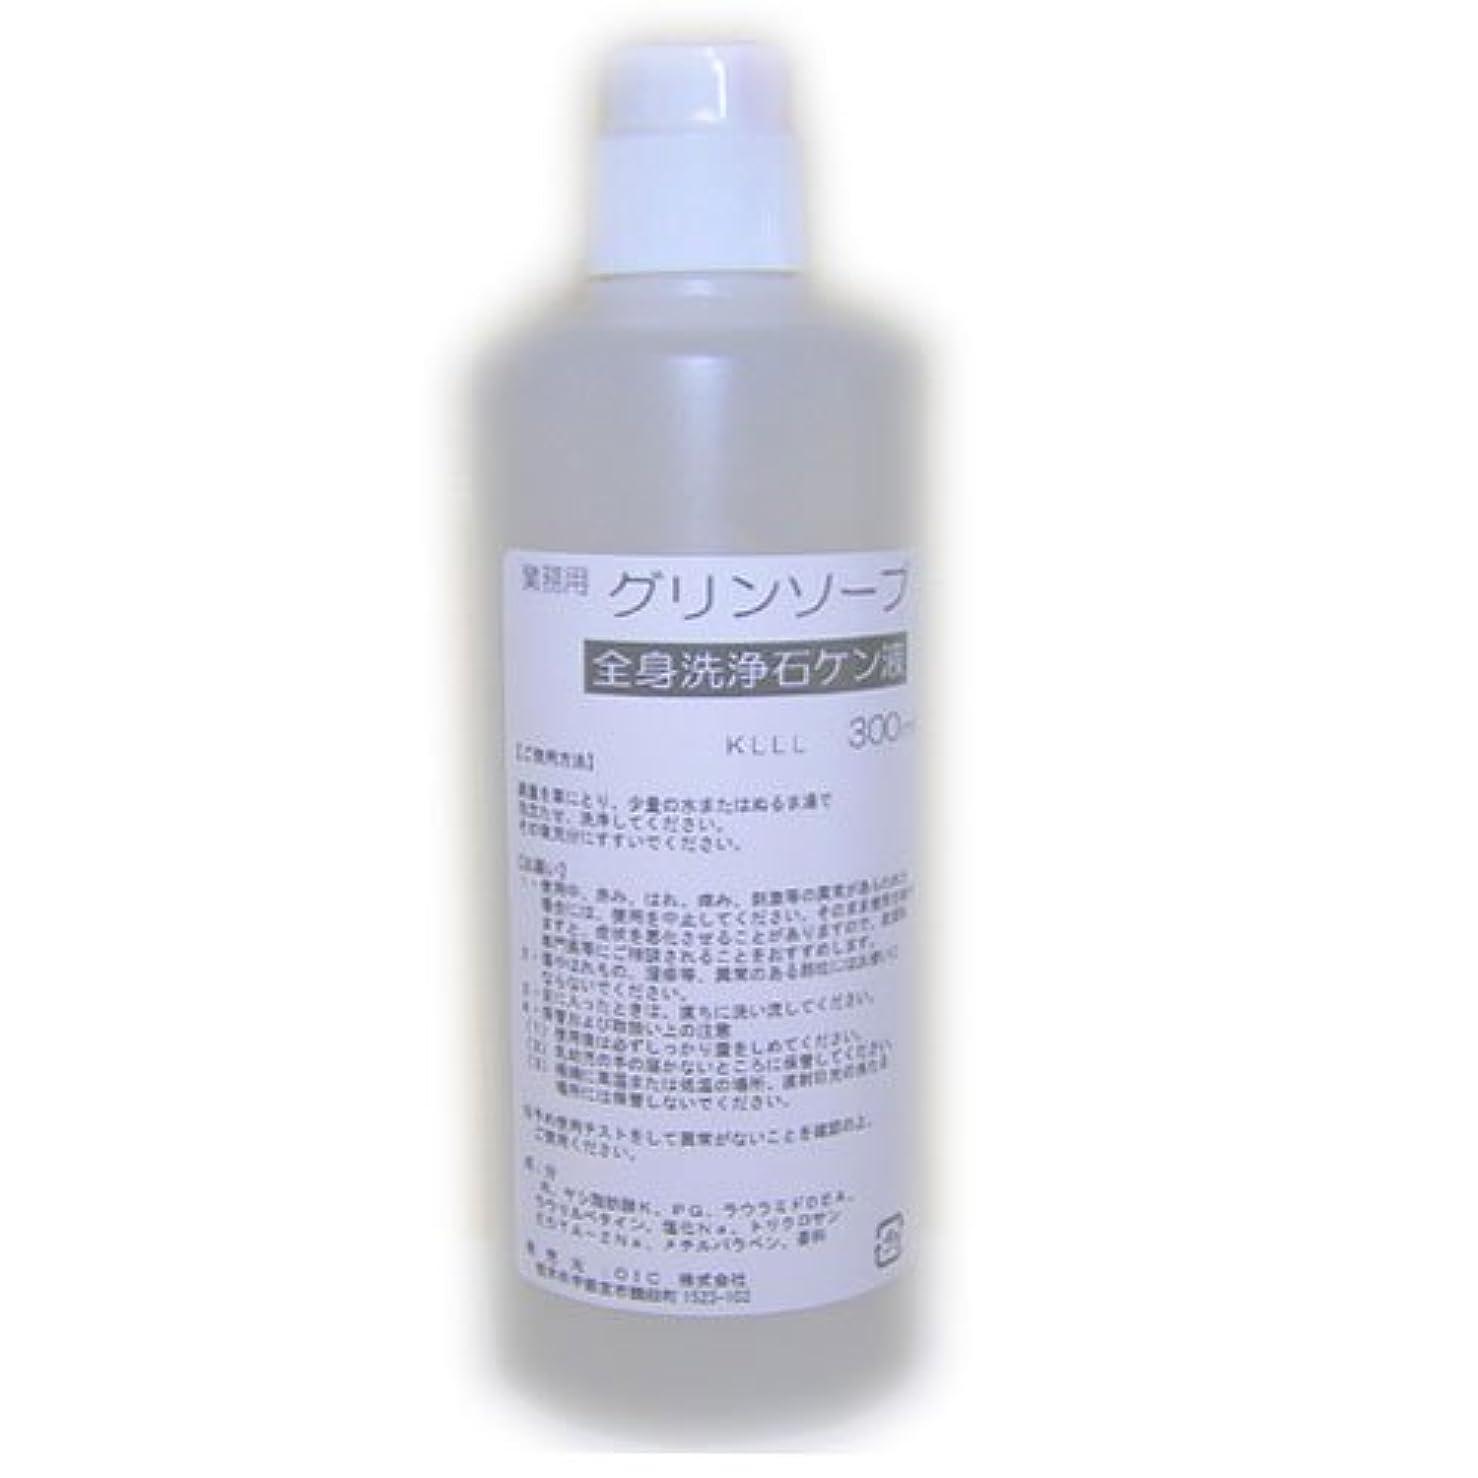 タイマー最終的に安定した業務用ボディソープ 殺菌成分配合?消毒石鹸液 グリンソープ (300ml)